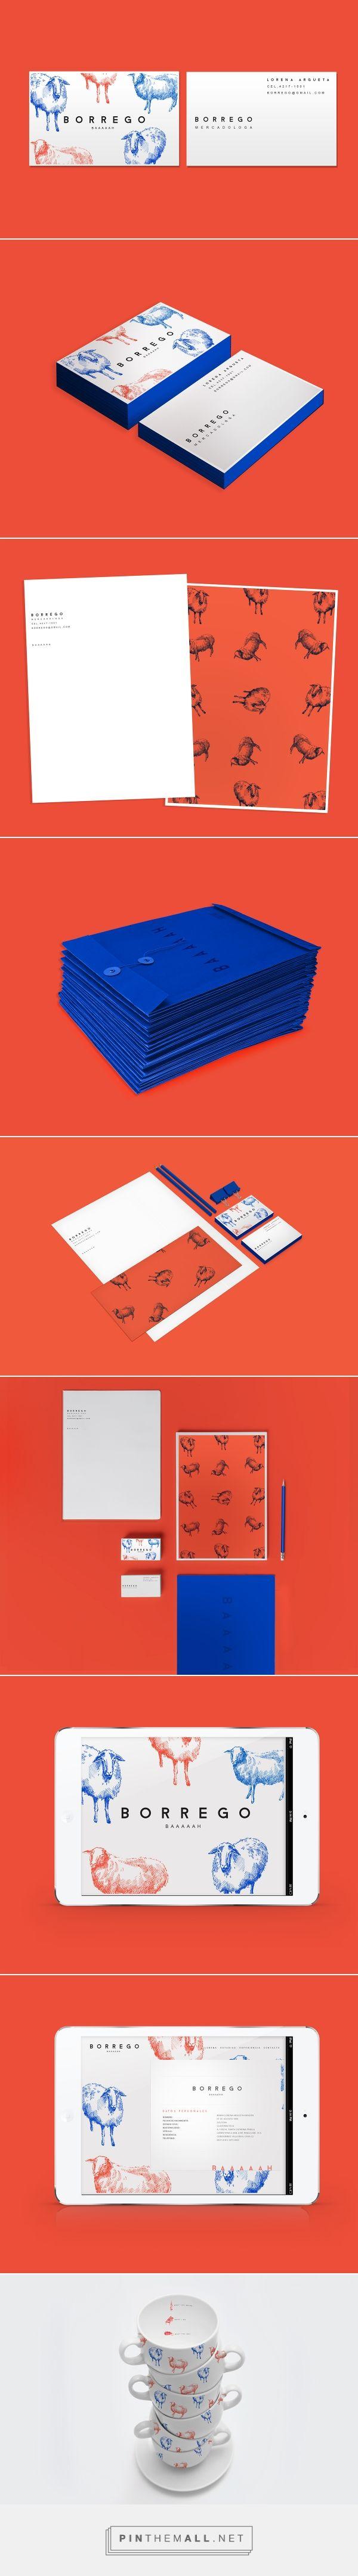 Borrego Branding on Behance | Fivestar Branding – Design and Branding Agency & Inspiration Gallery